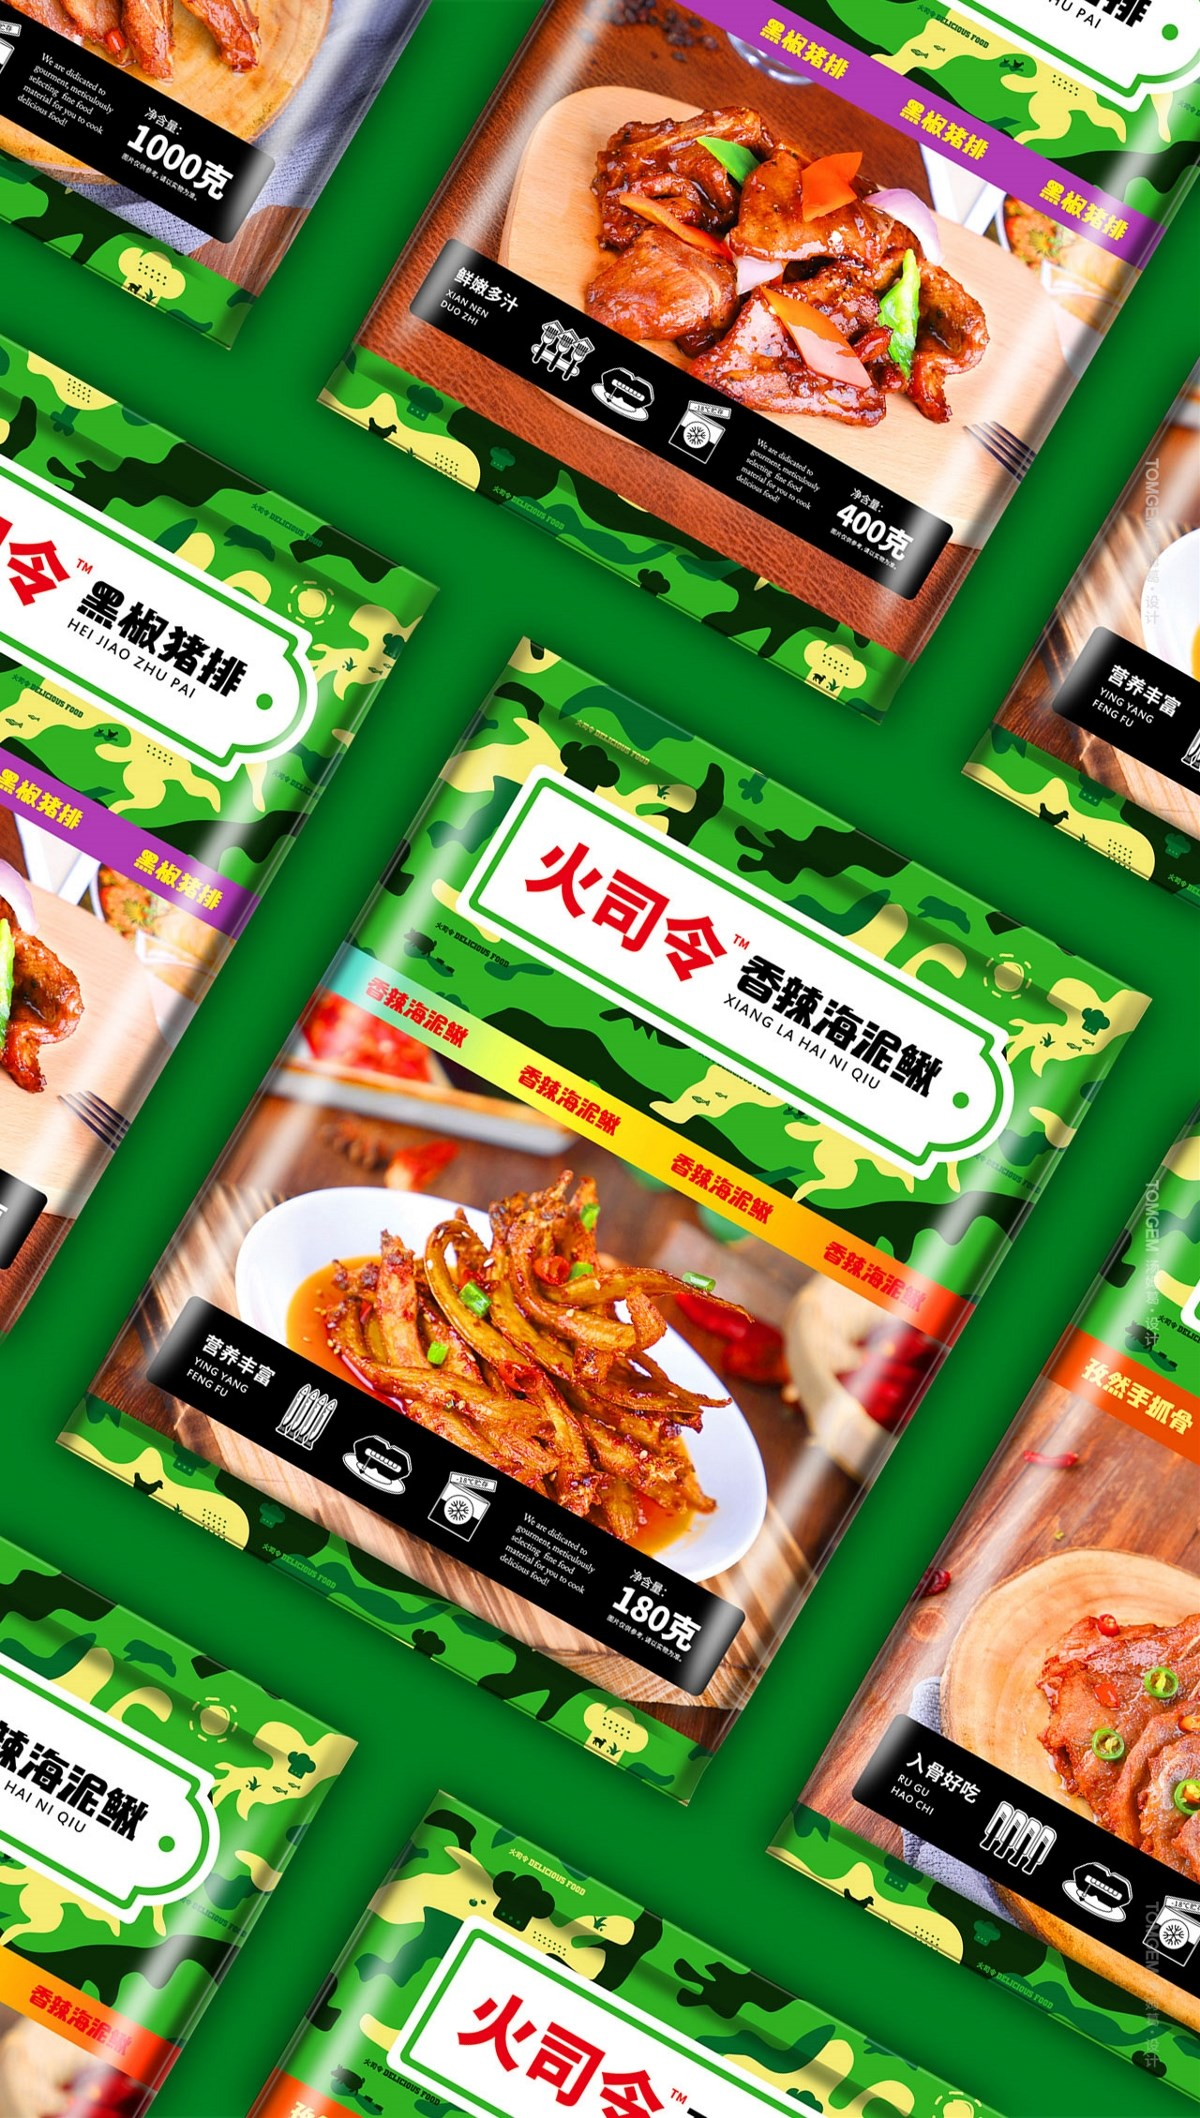 食品包装设计----盐城汤姆葛品牌包装全案策划&设计